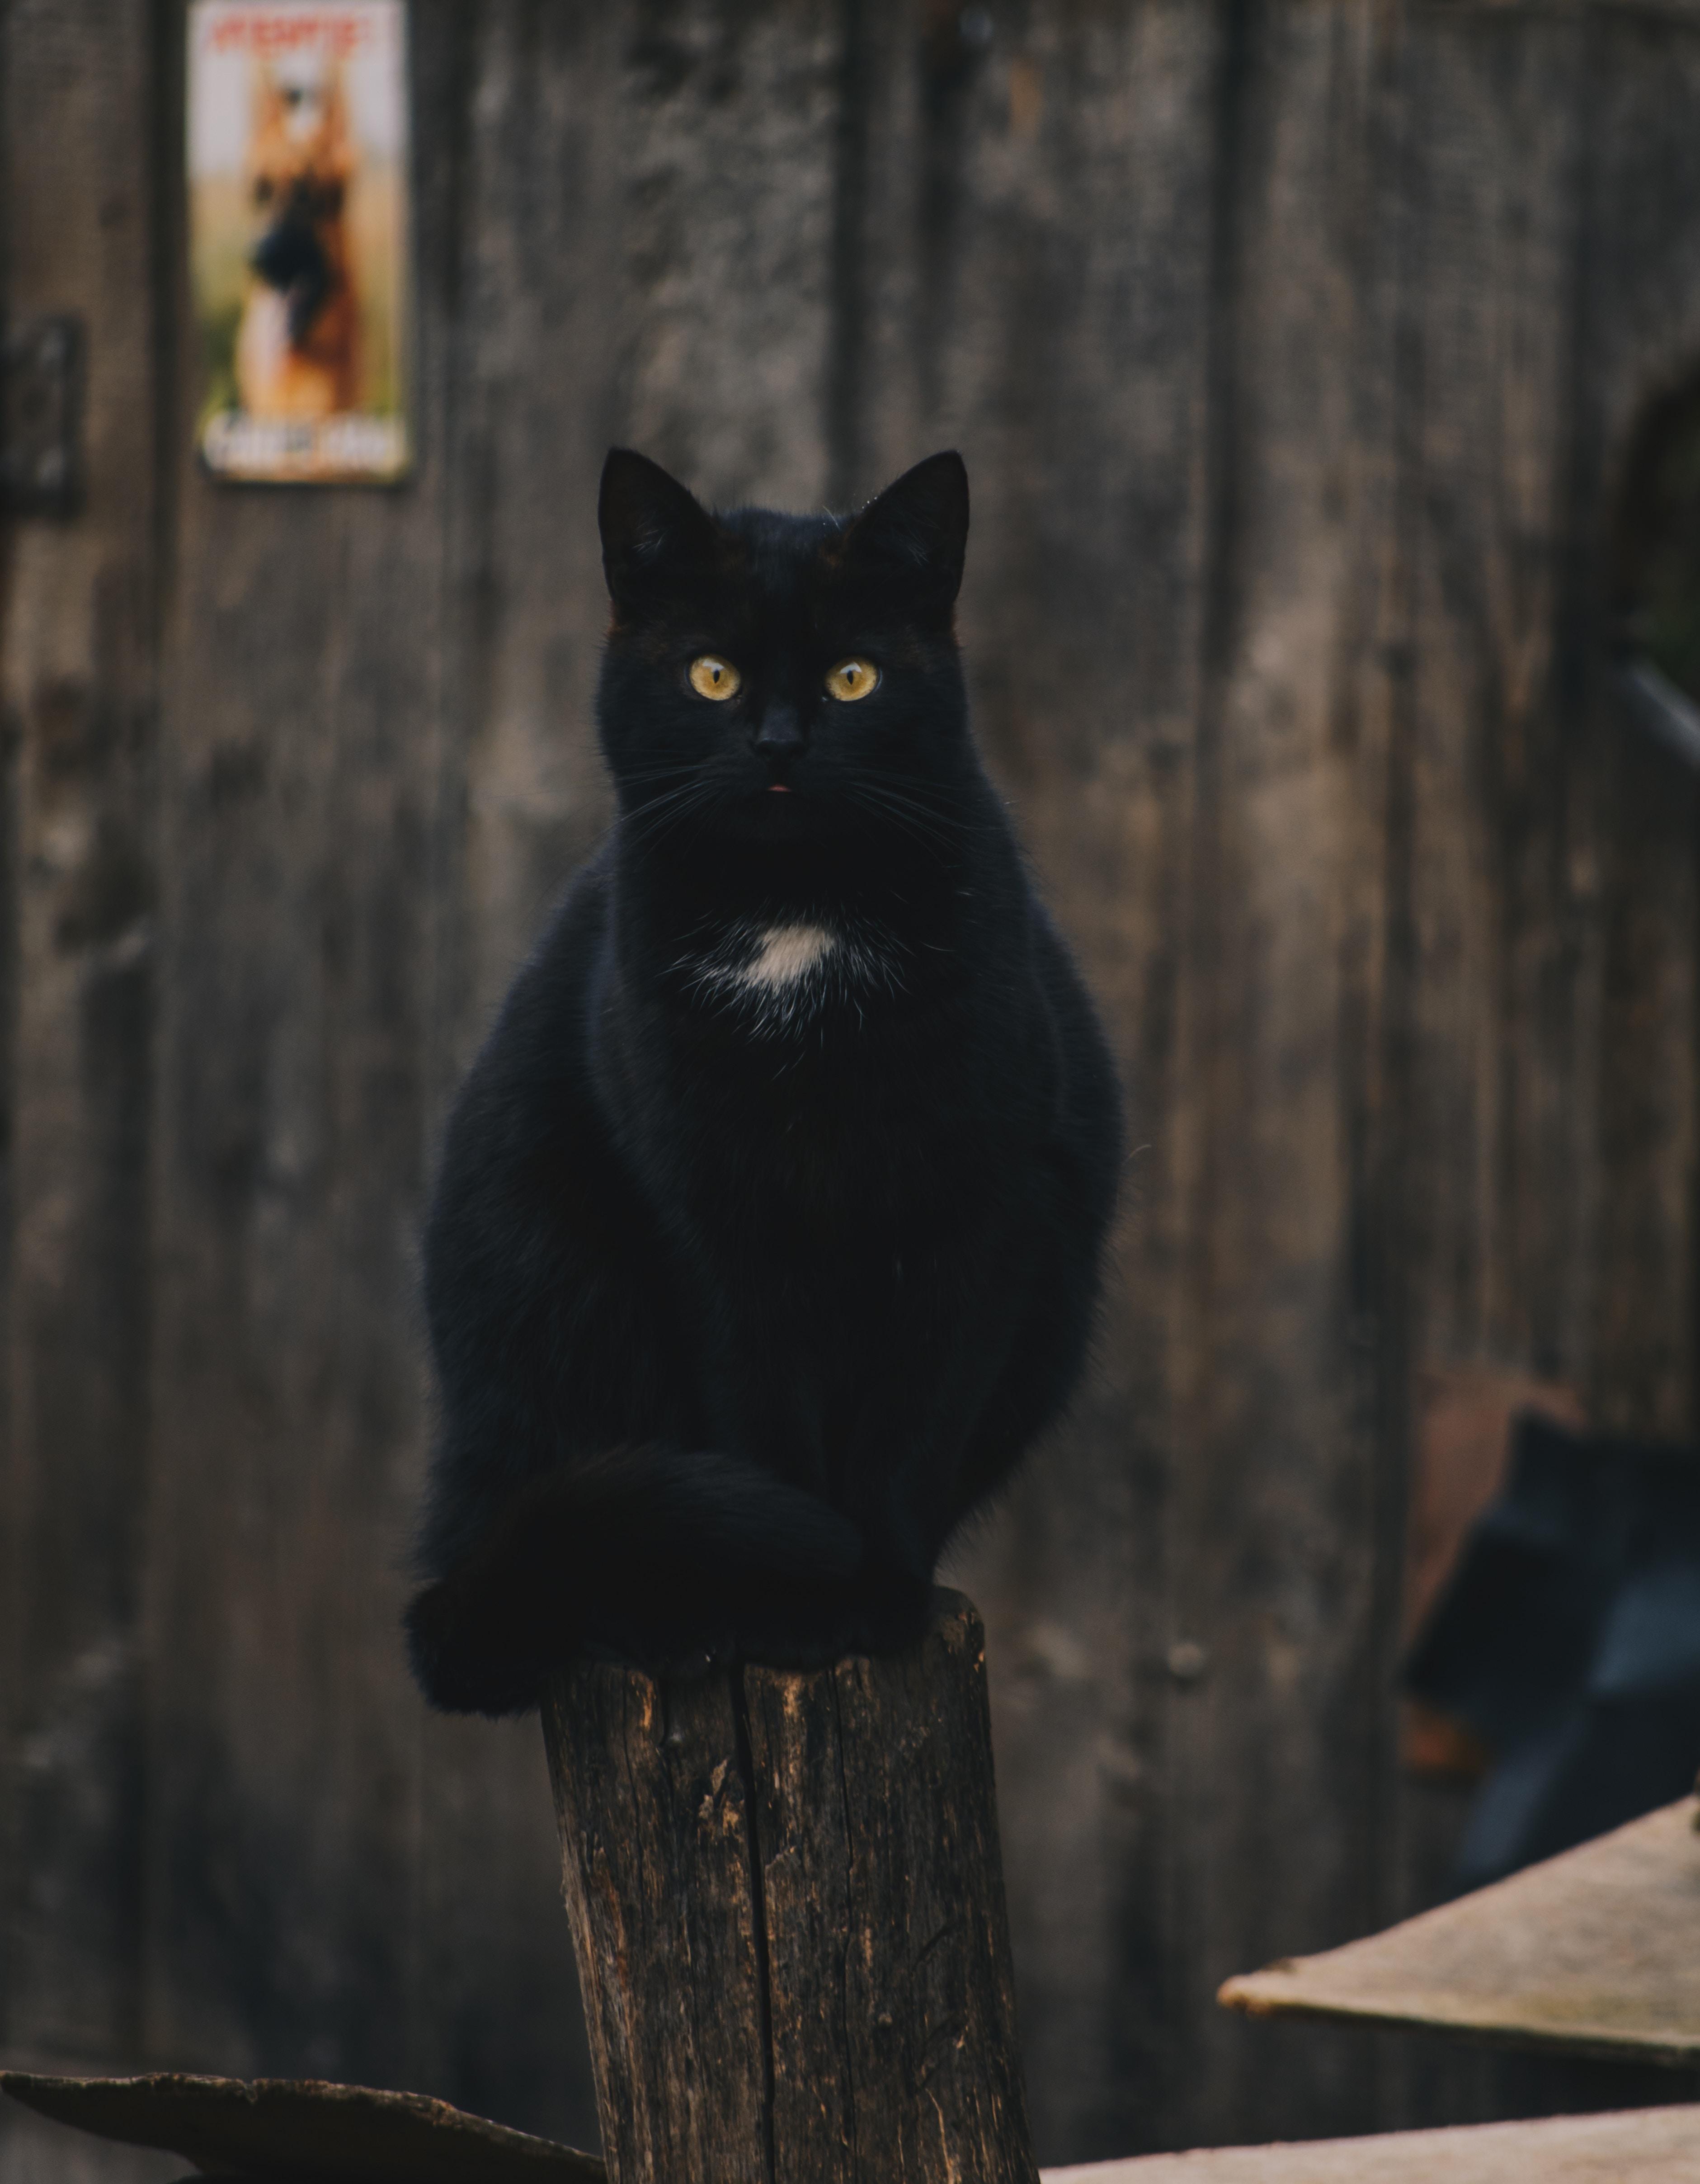 56131 скачать обои Животные, Кот, Черный, Сидит, Взгляд - заставки и картинки бесплатно